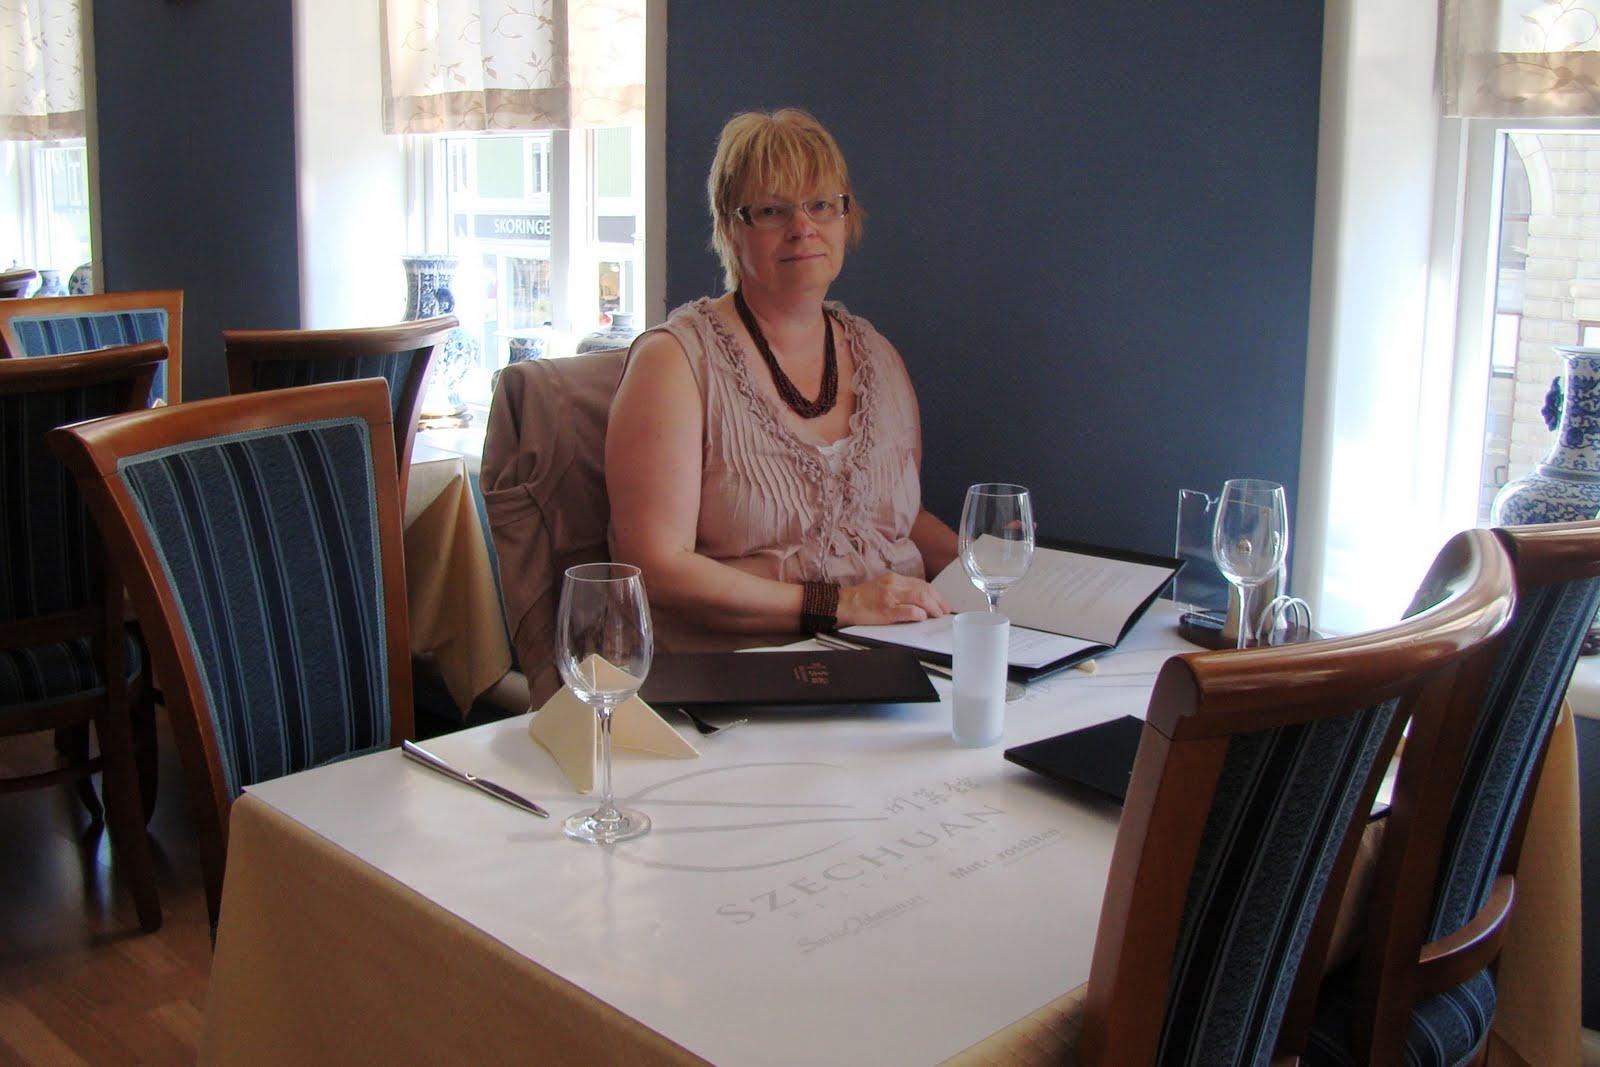 lille restaurant trondheim nordland